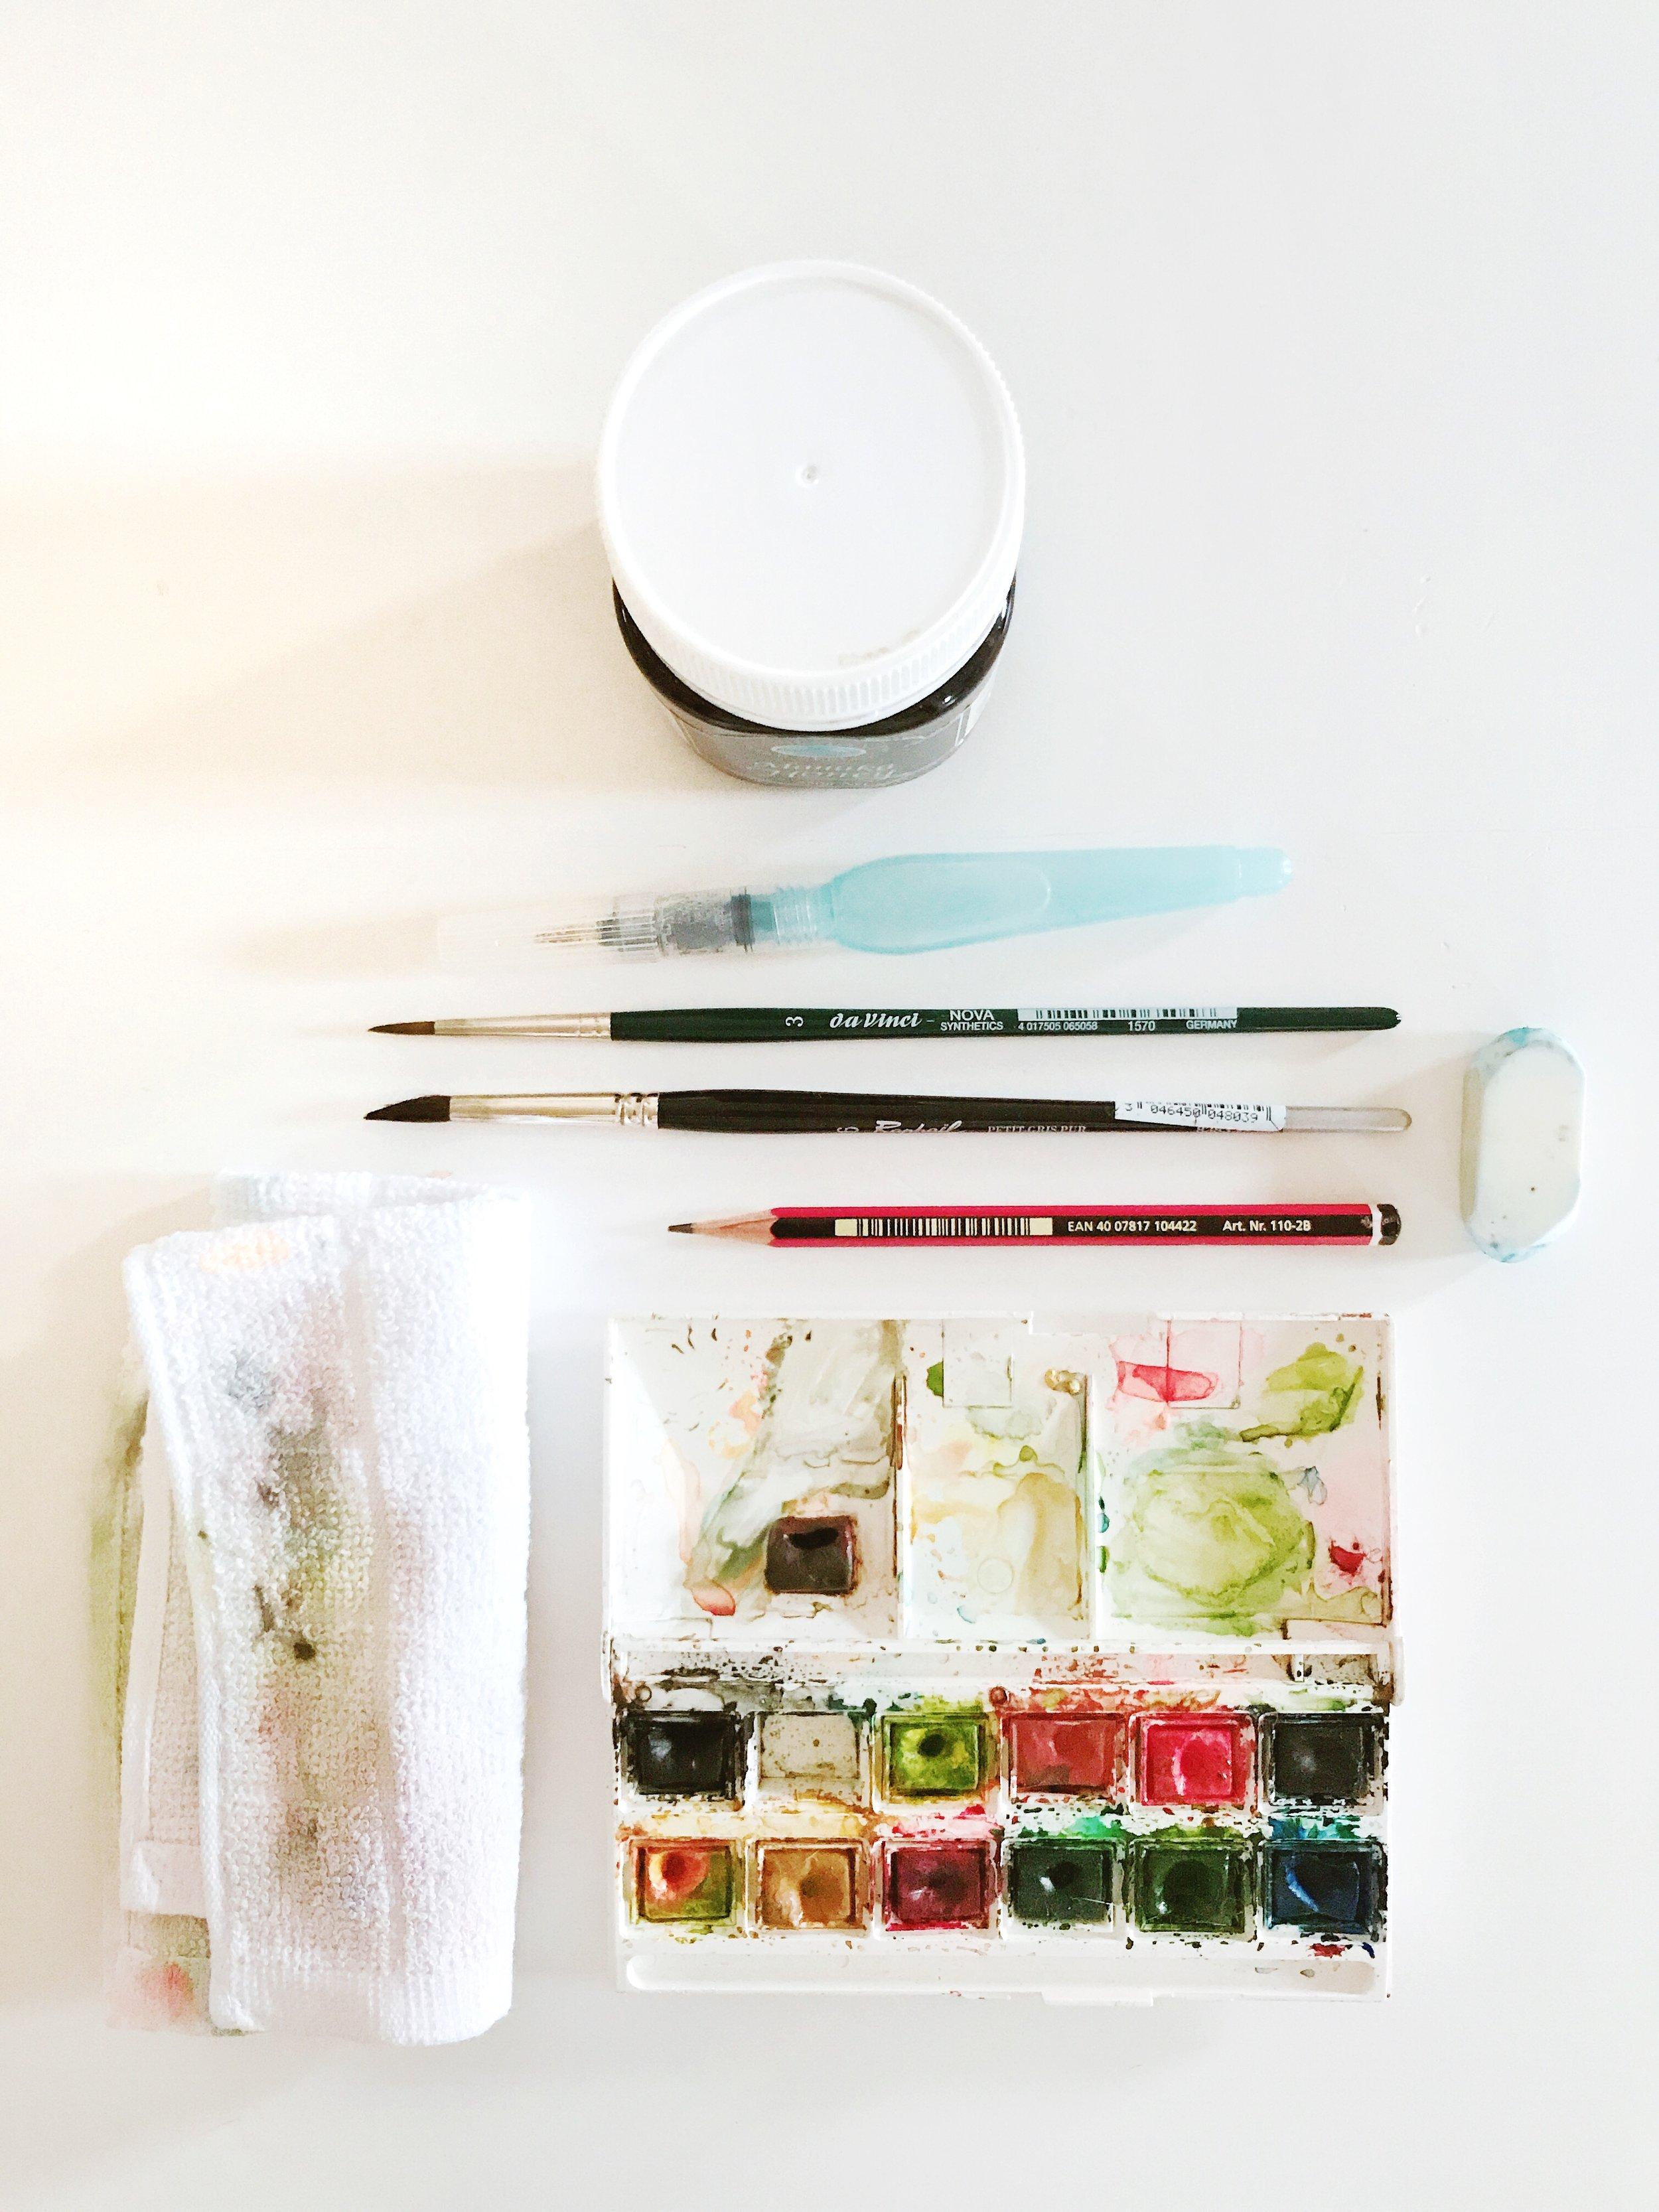 持ち物の参考写真 (Tools to bring)